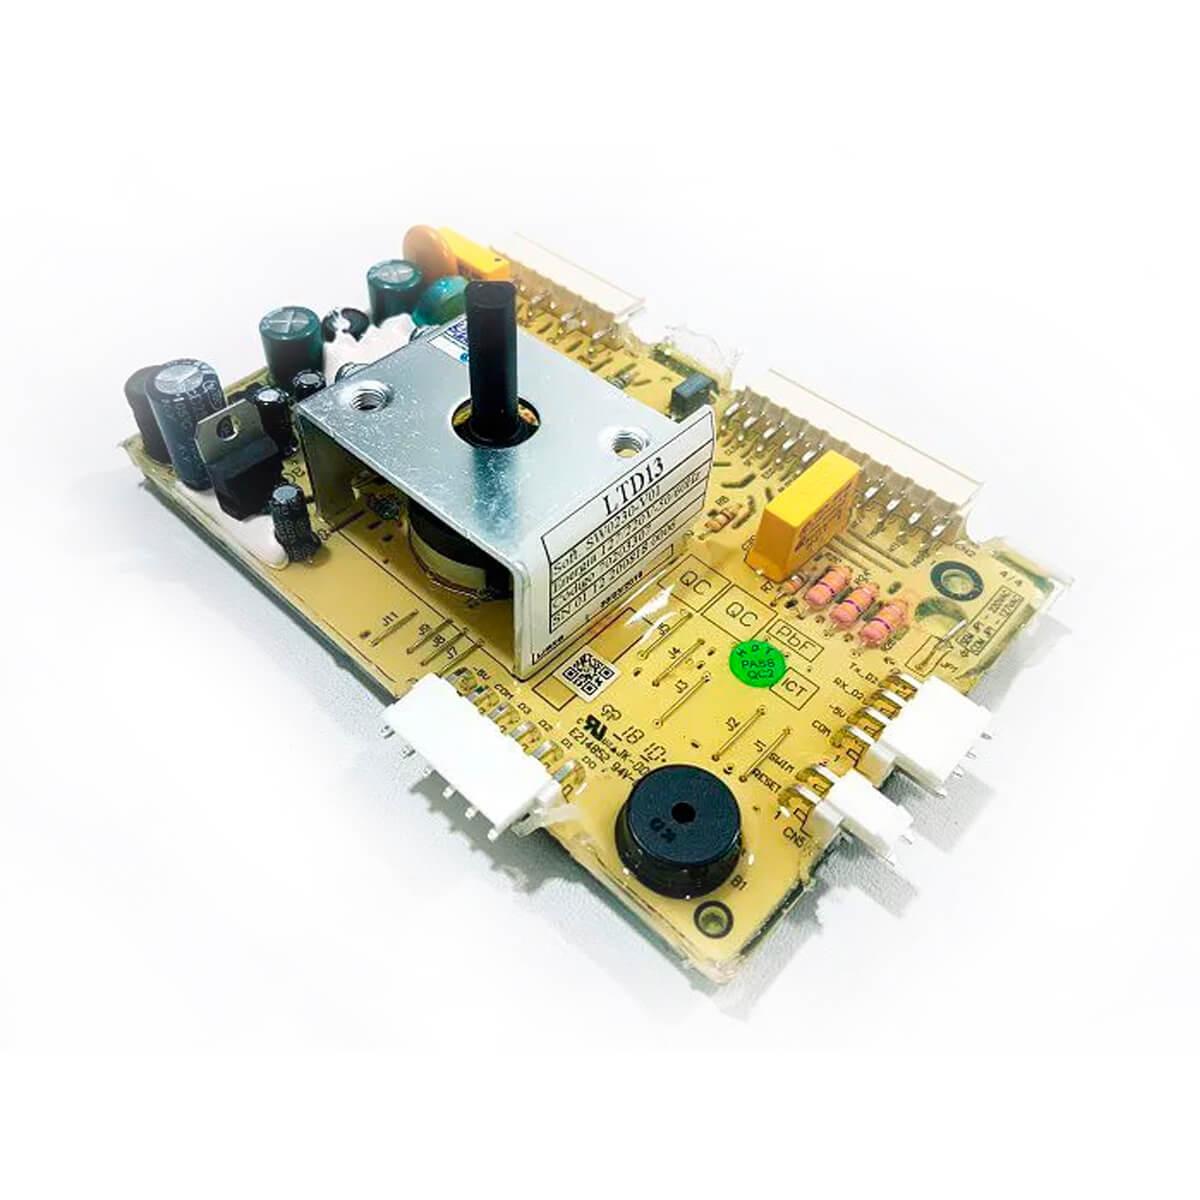 Placa De Potencia Para Lavadora Ltd13 Electrolux - 70203307